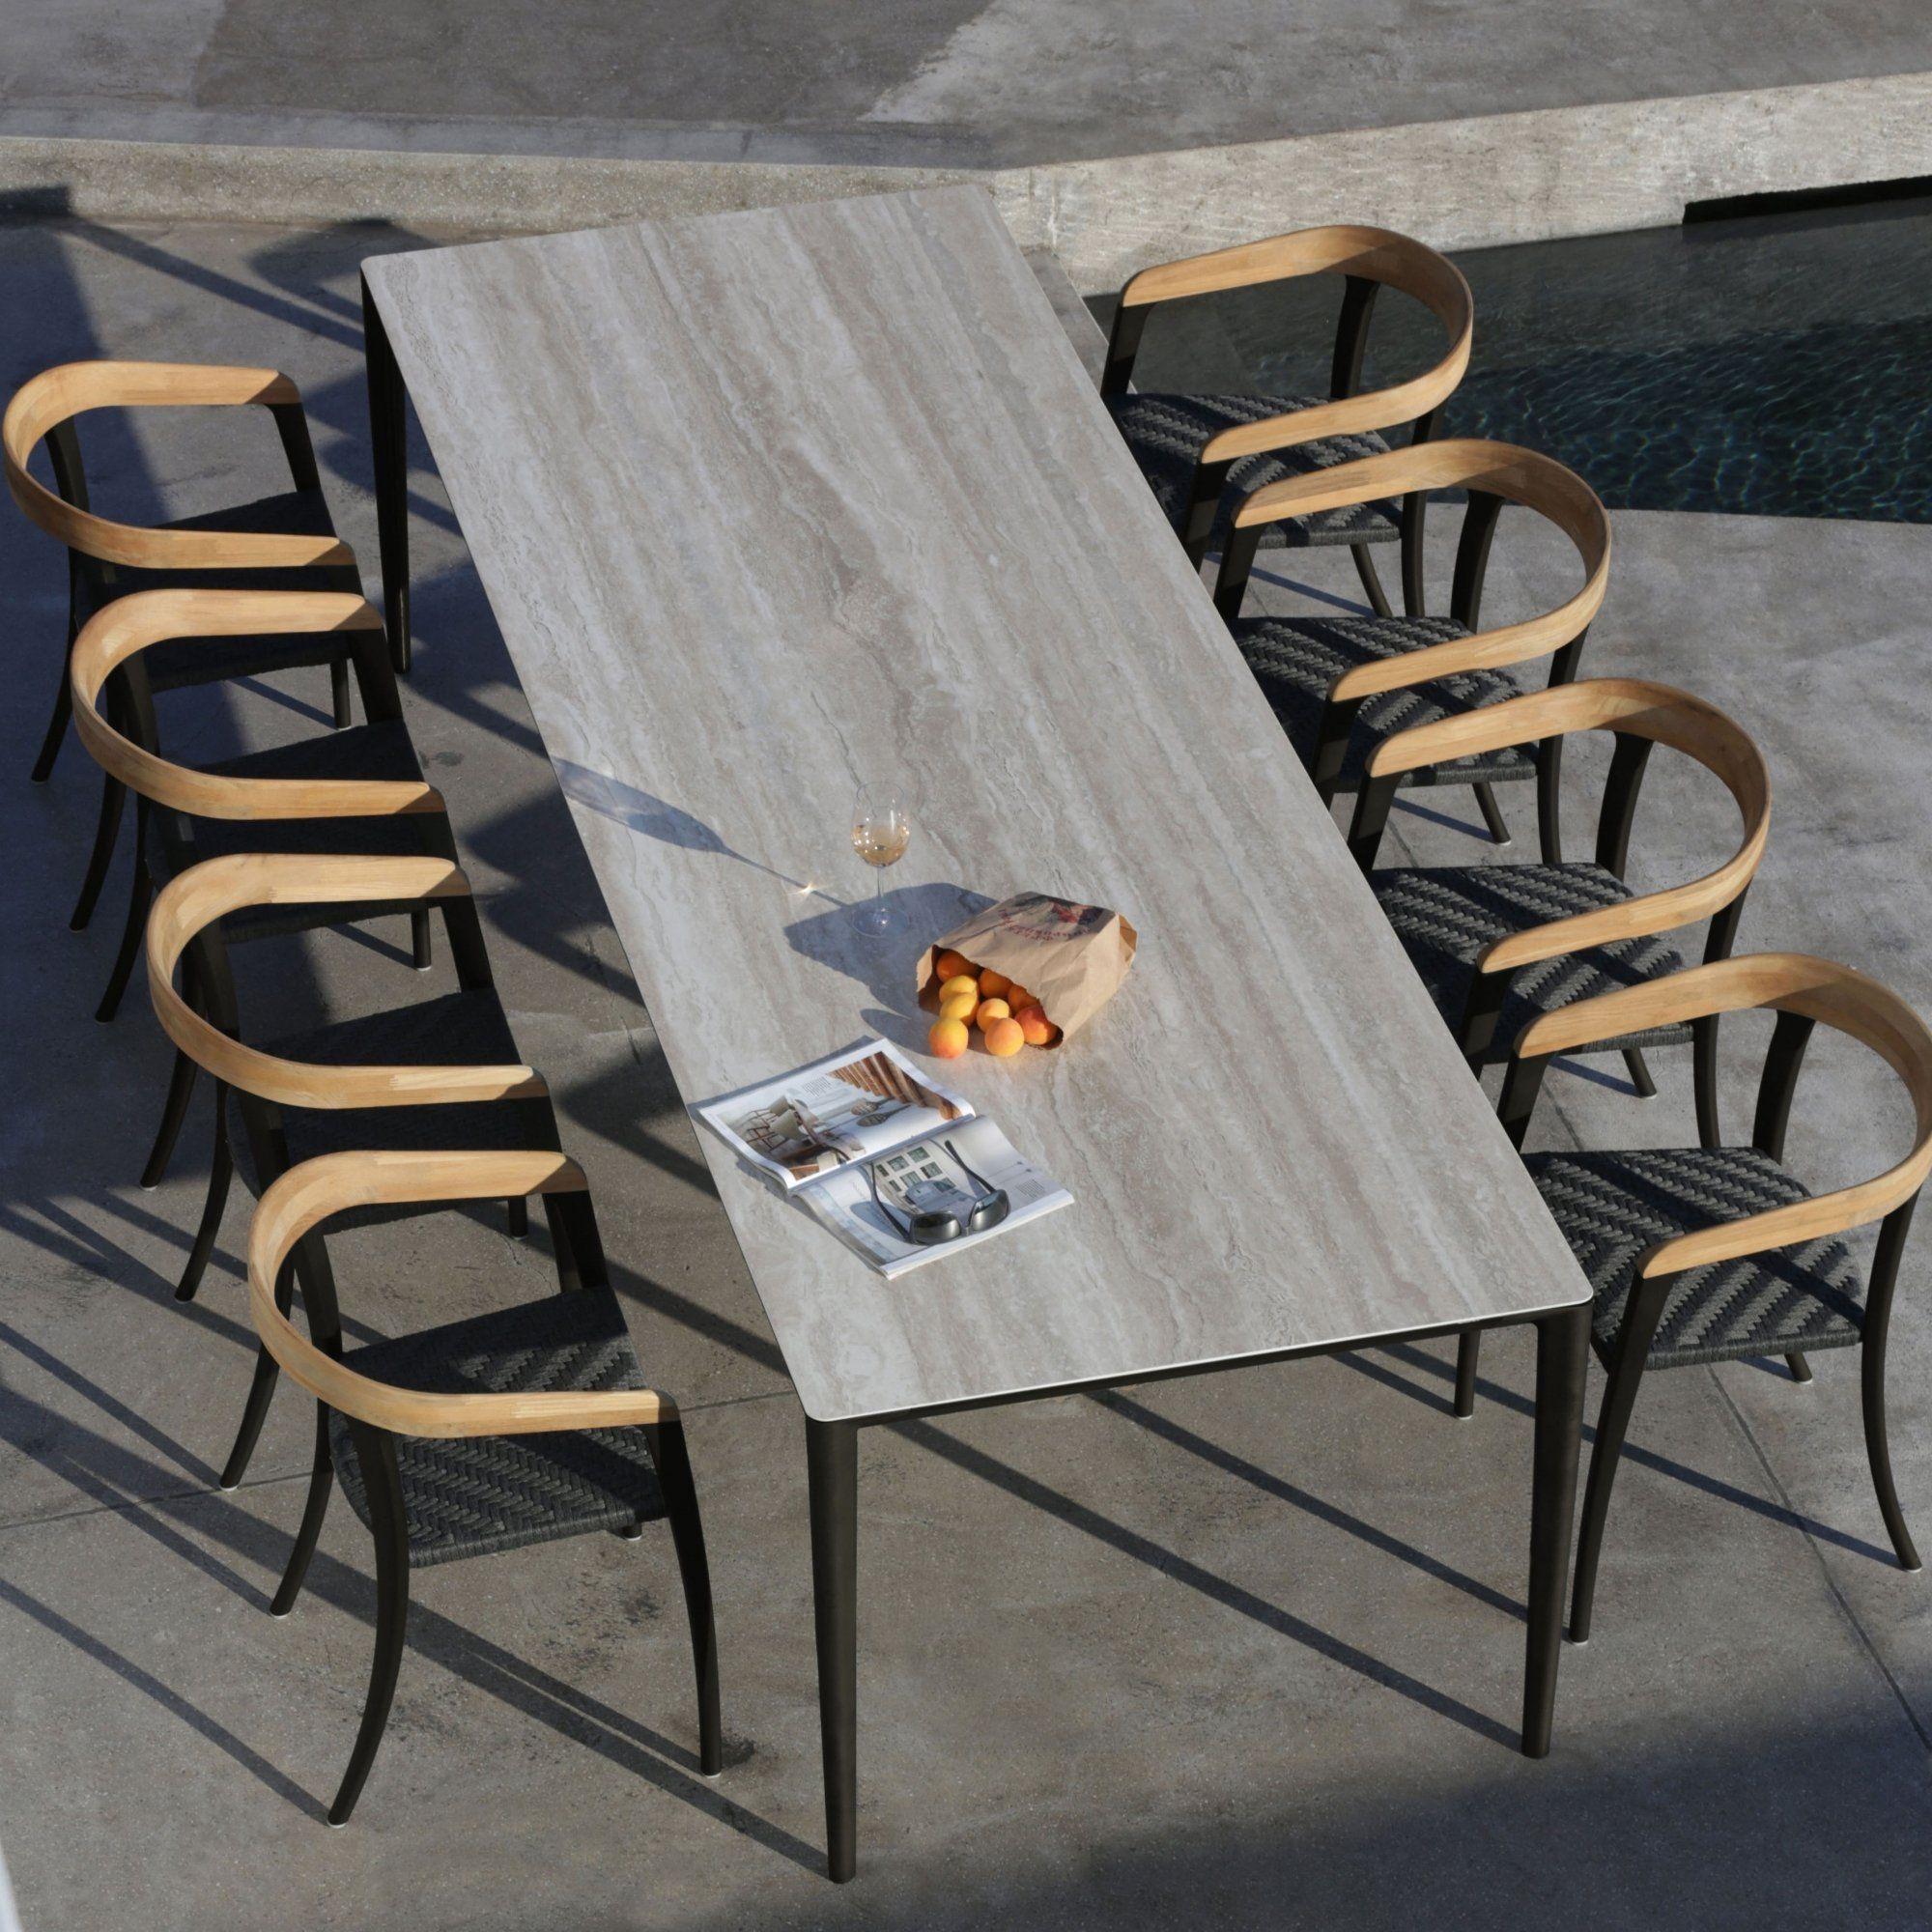 Table de jardin en bois gris pour 10 personnes | Décoration ...